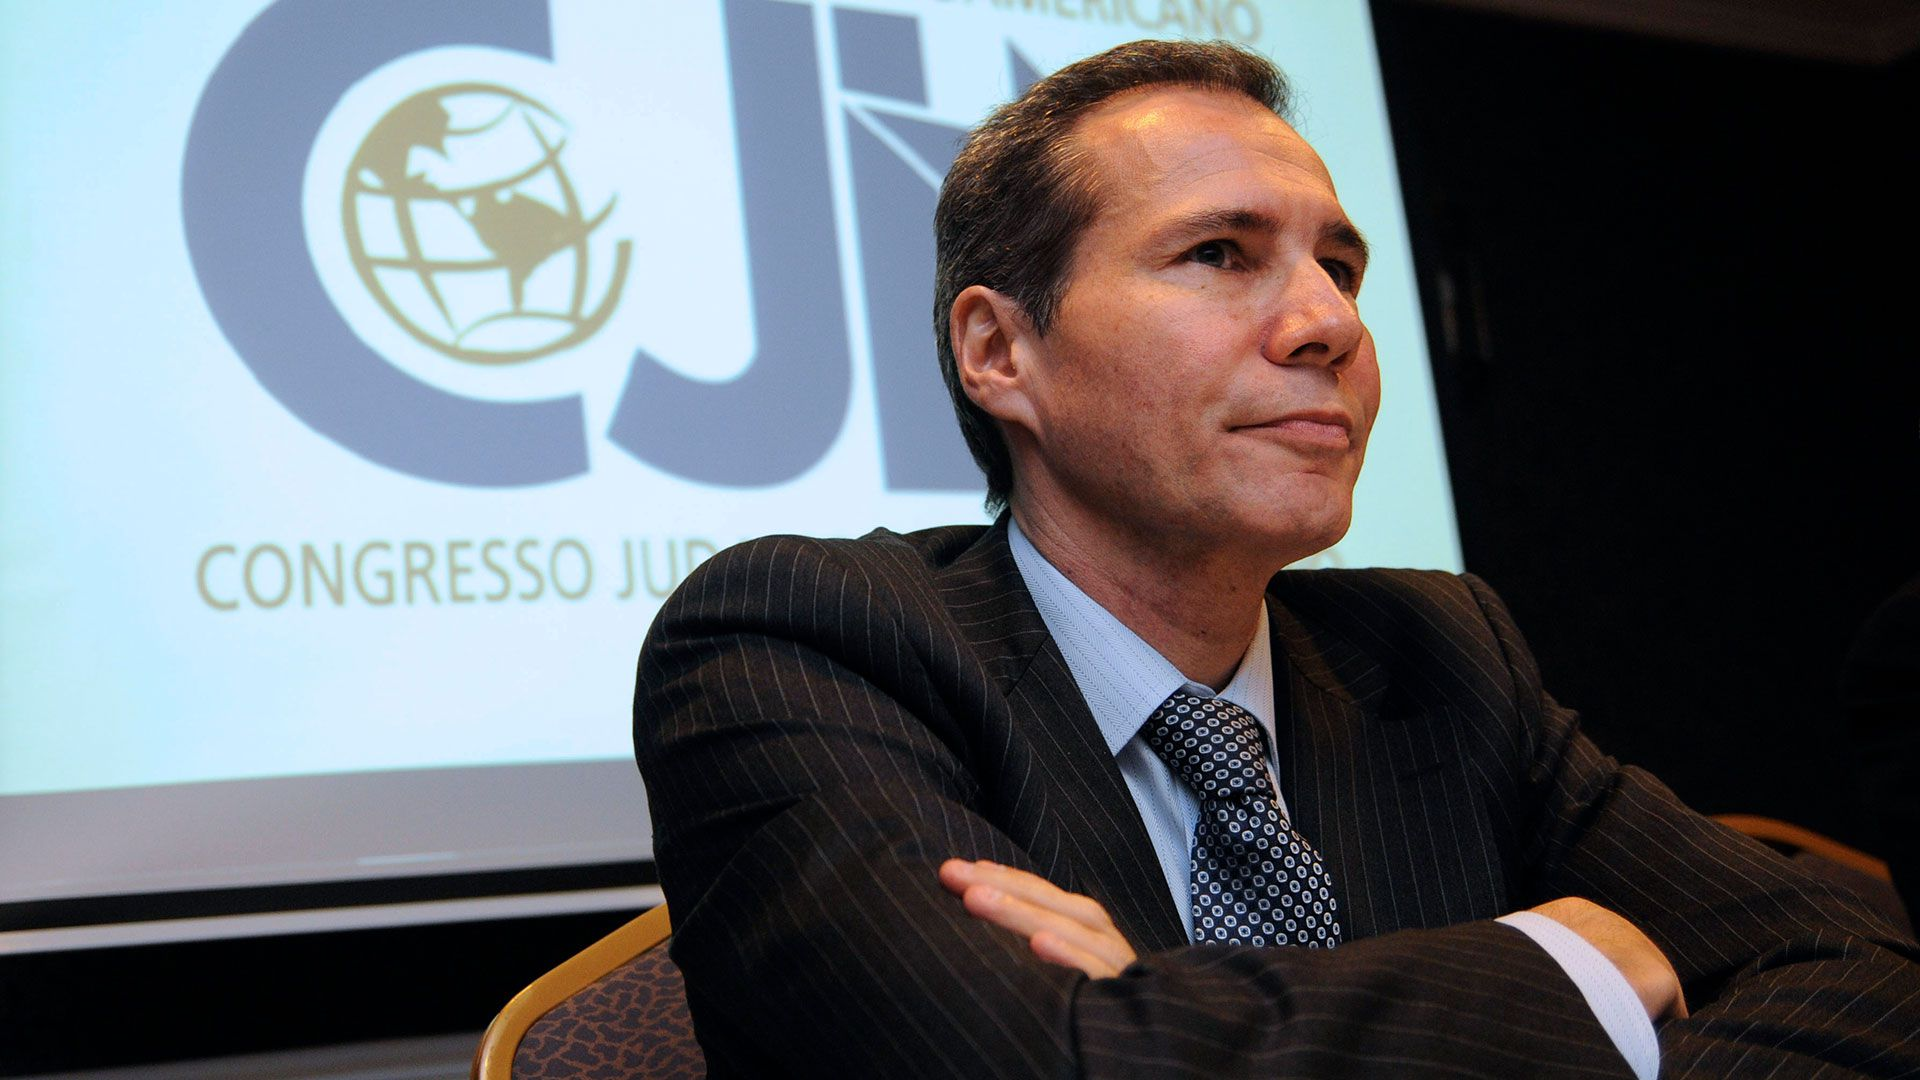 Alberto Nisman denunció  a Cristina Kirchner por encubrir el ataque de la Amia antes de ser asesinado (NA)